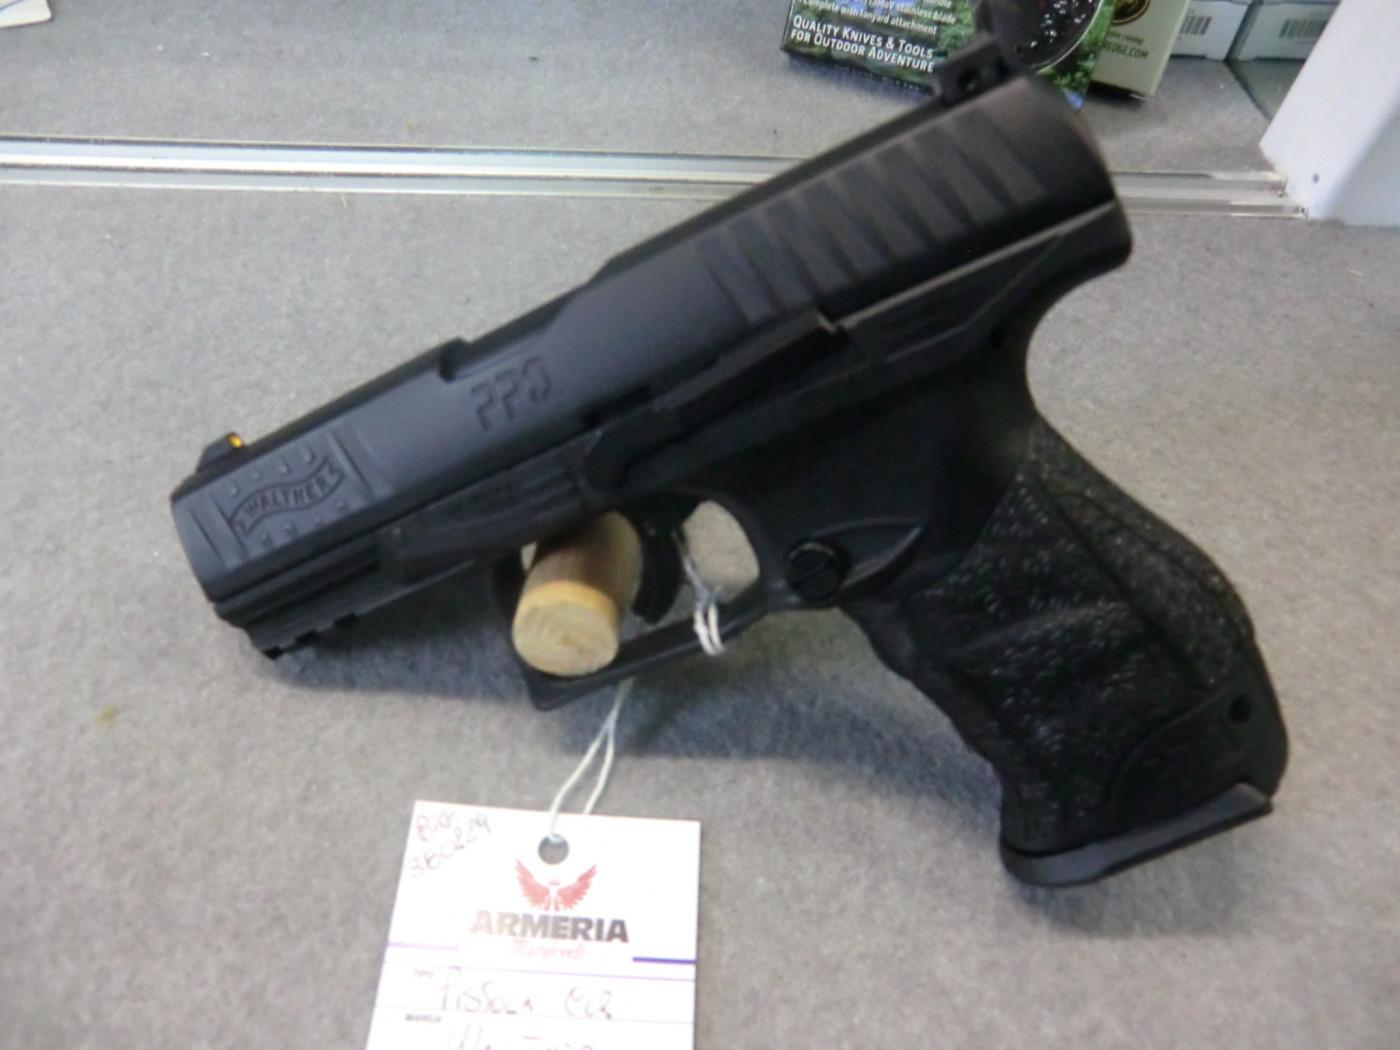 Walther modello PPQ calibro 40 spara pallettoni di gomma